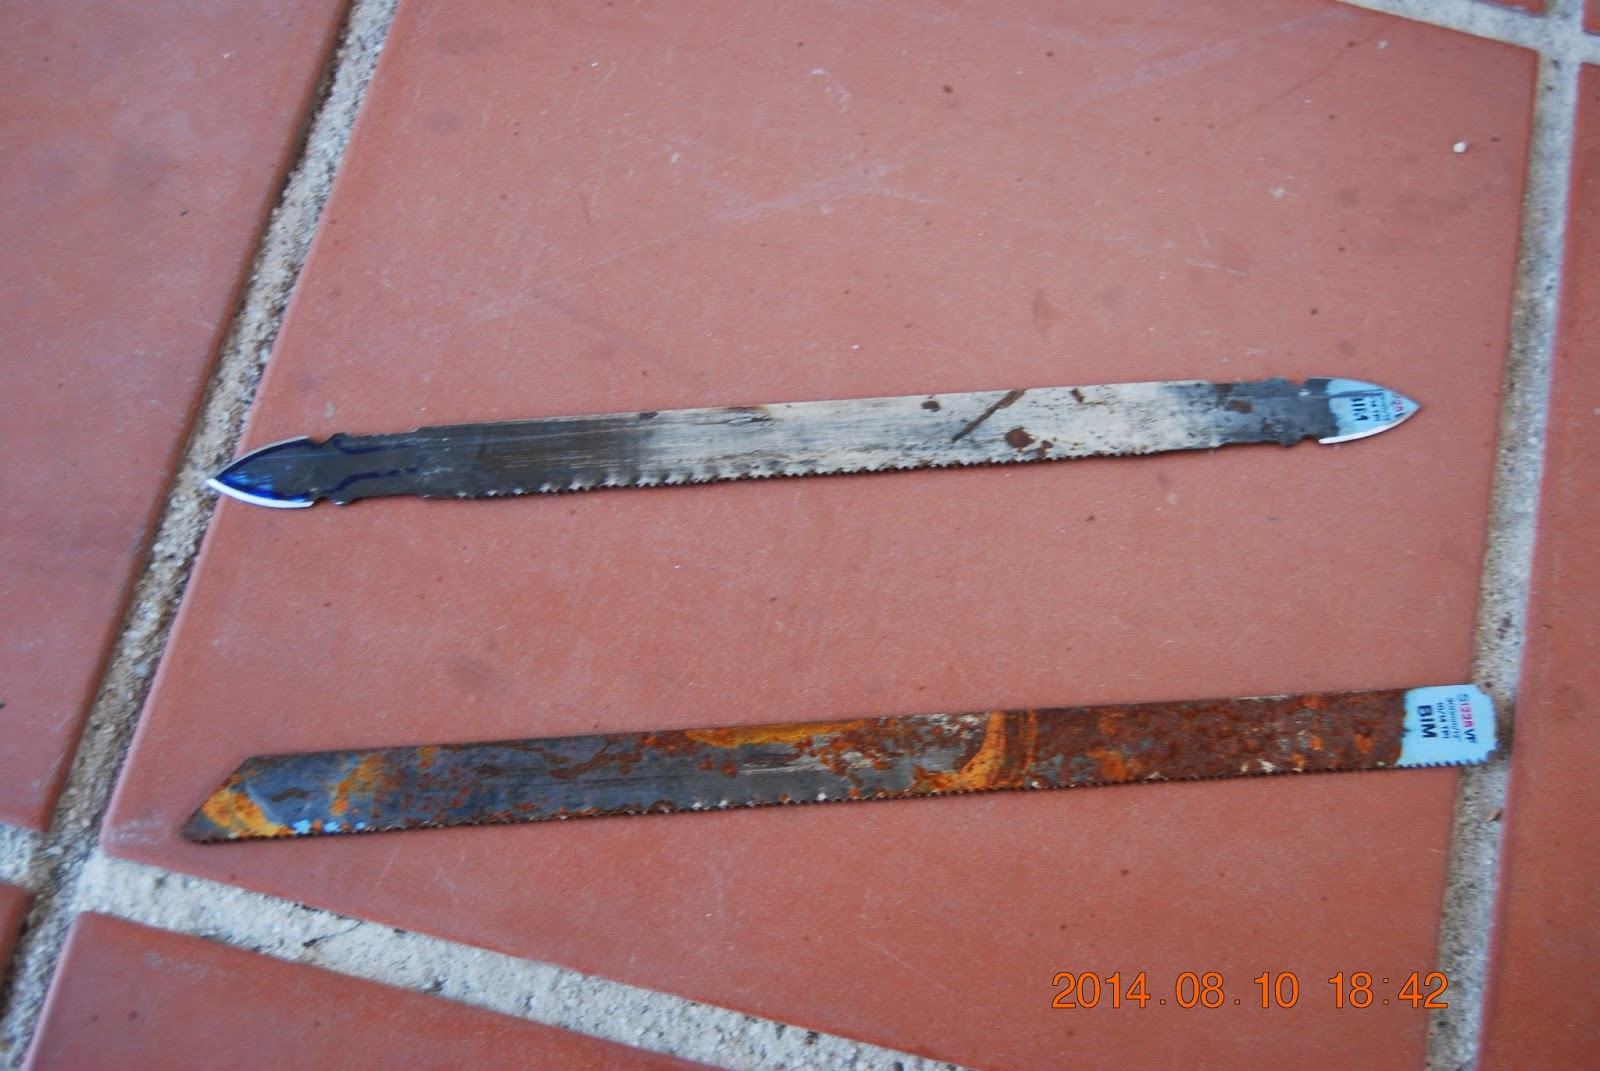 Manoloasecas punta de flecha con hoja de sierra - Hojas de sierra ...